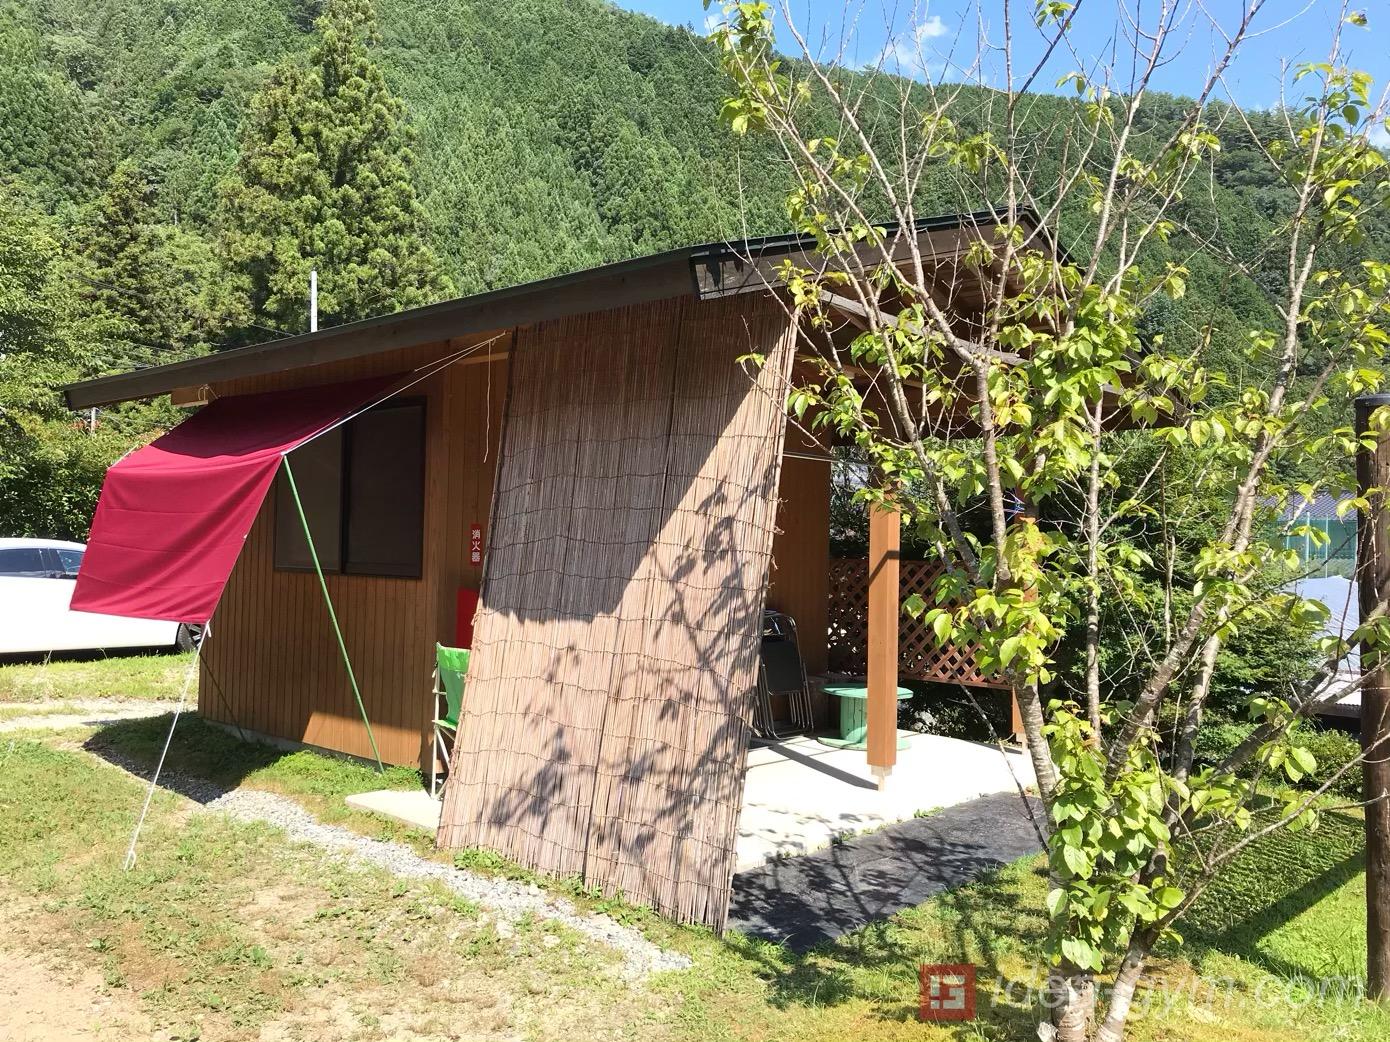 岐阜県下呂市のキャンプ場「馬瀬川の里 すずし野」でキャンプをしてきた